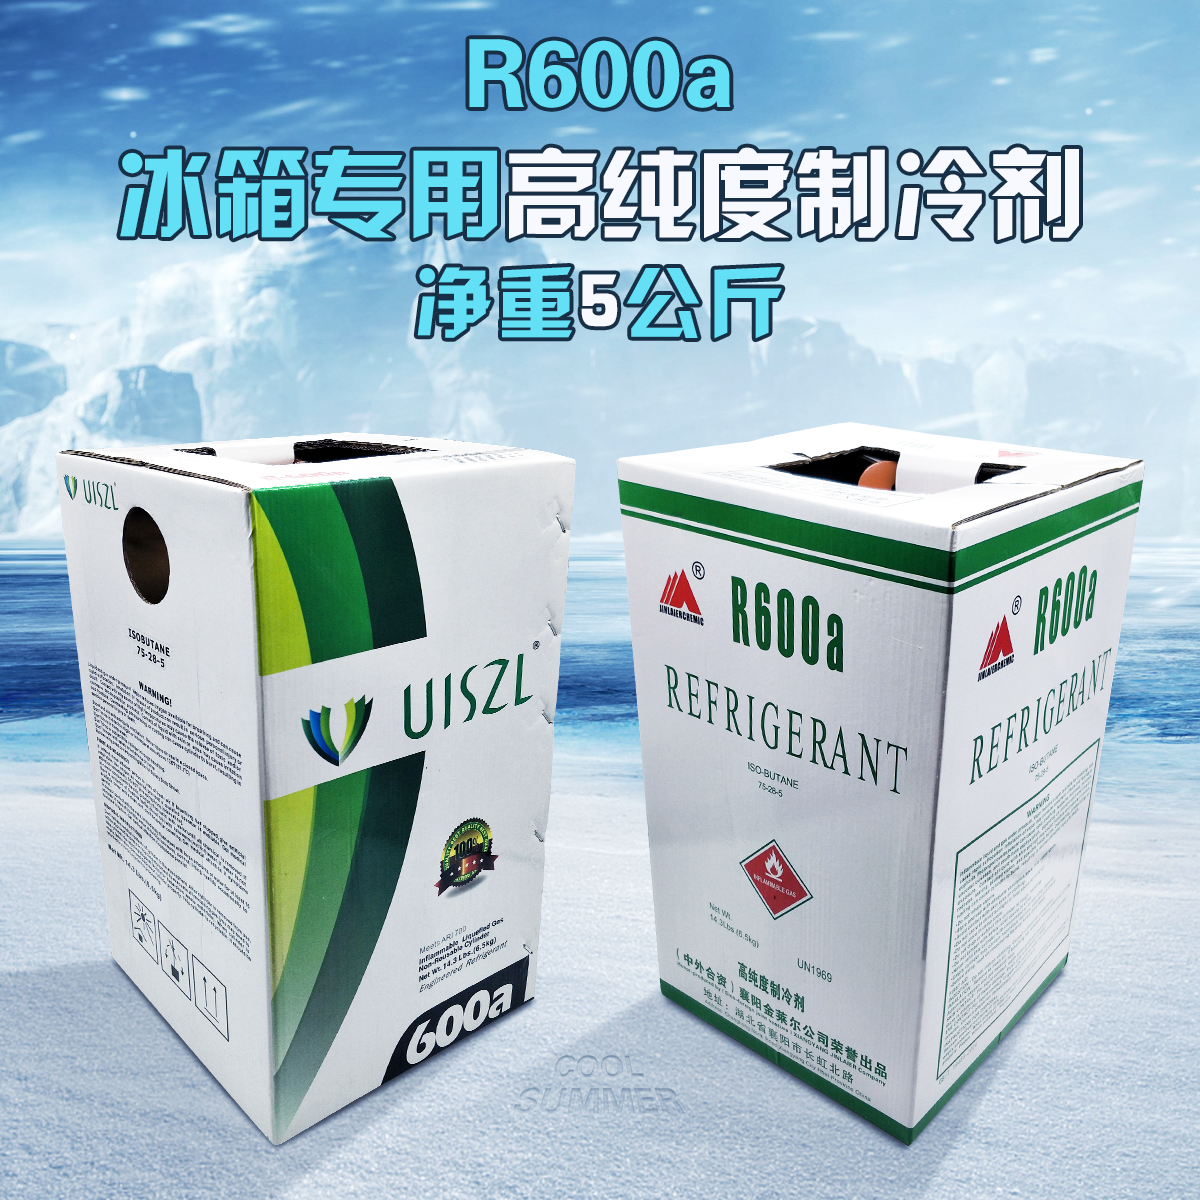 emme sovelletaan eri merkkiä jääkaappi - pakastin R600A kylmäaineen kylmäaineen freonia nettopaino, 5 kg